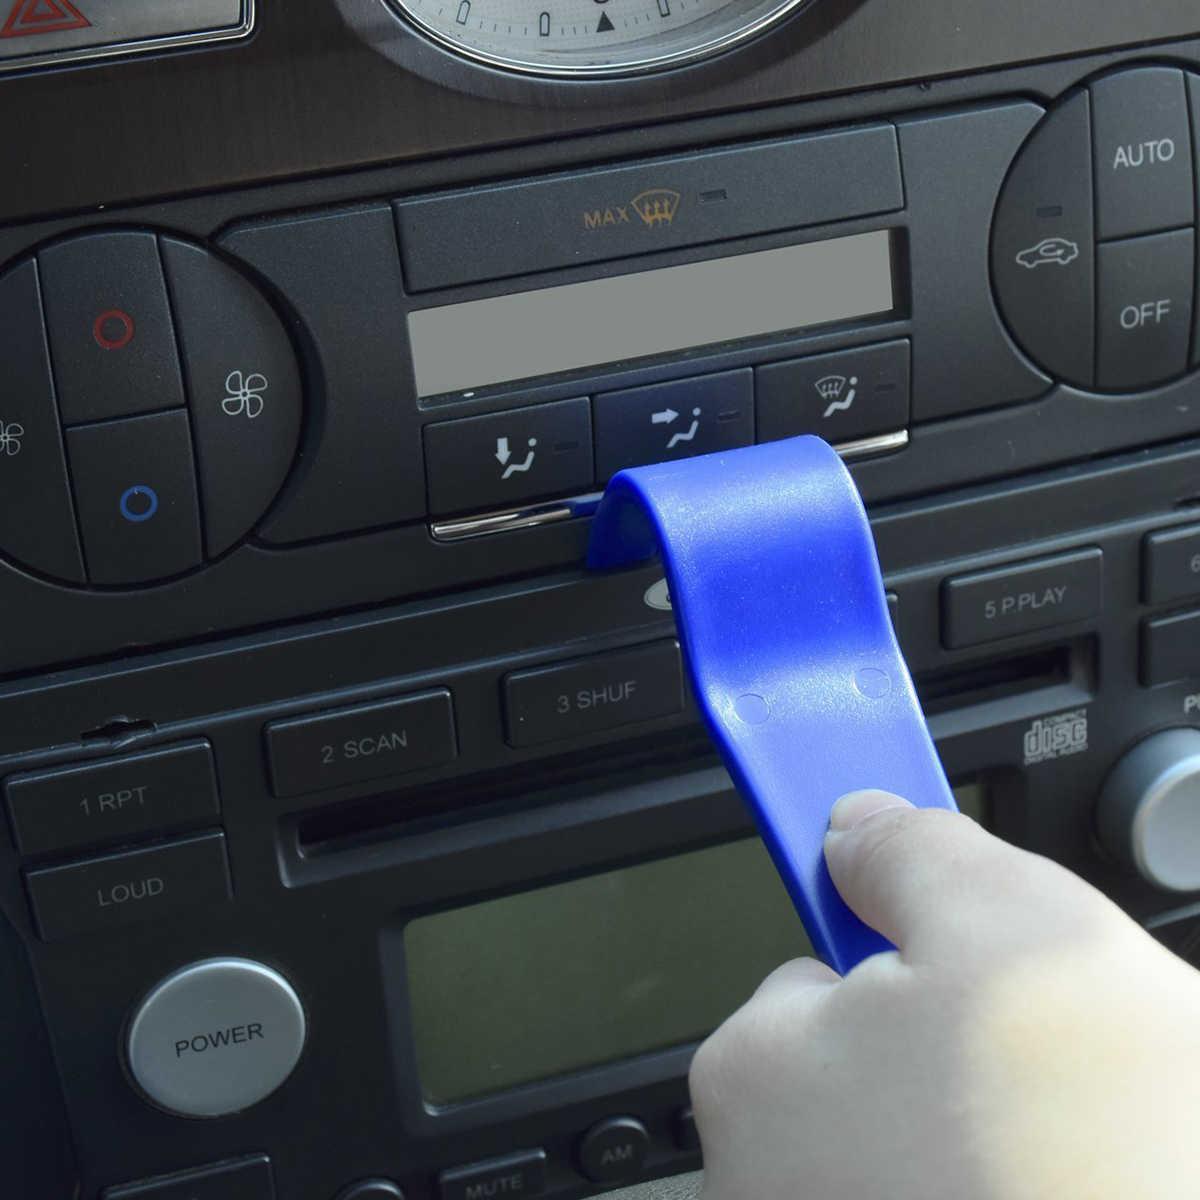 5 шт. Портативный автоматическое удаление Trim Tool Kit двери Панель CD Динамик удаления набор инструментов удаления литья Динамик Инструменты для ремонта (синий)